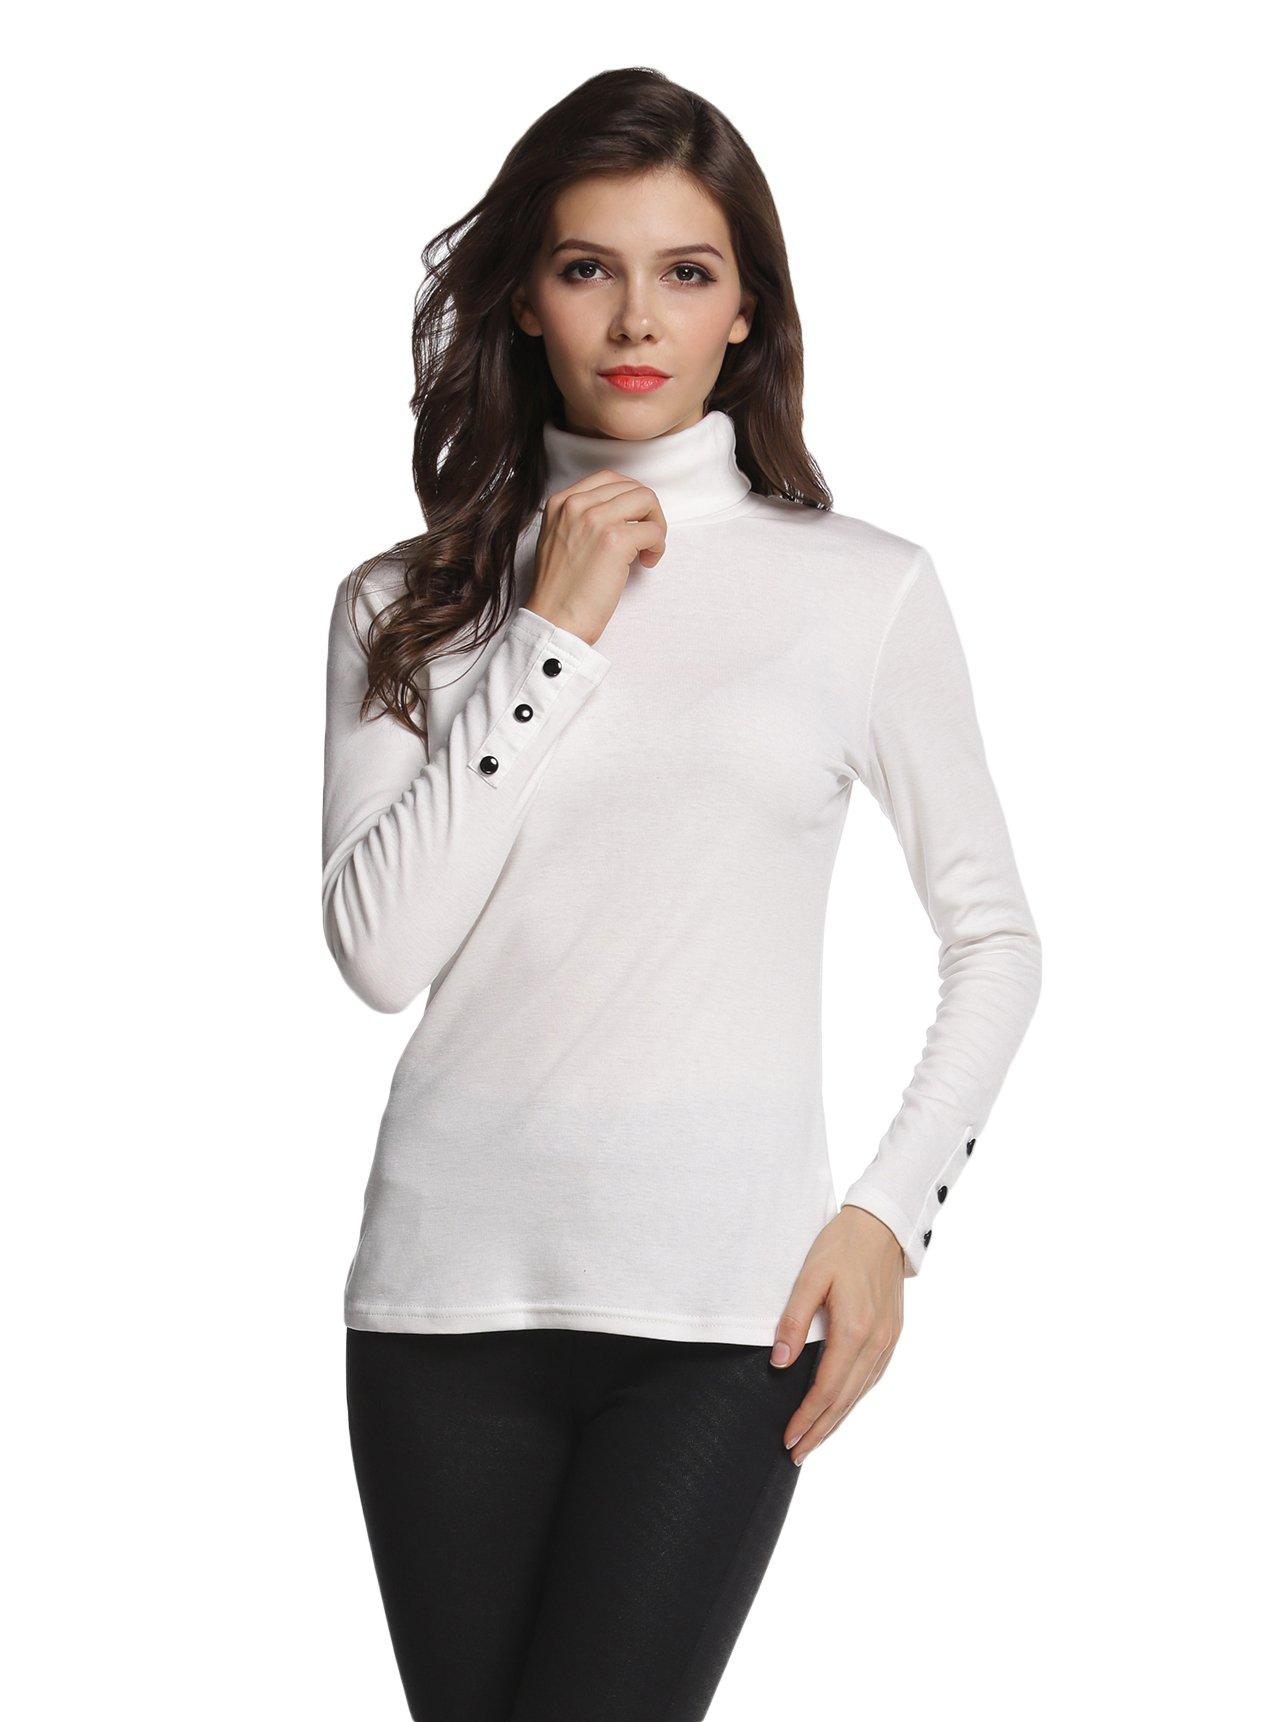 Sofishie Long Sleeve Shirt with Turtle-Neck - White - Large